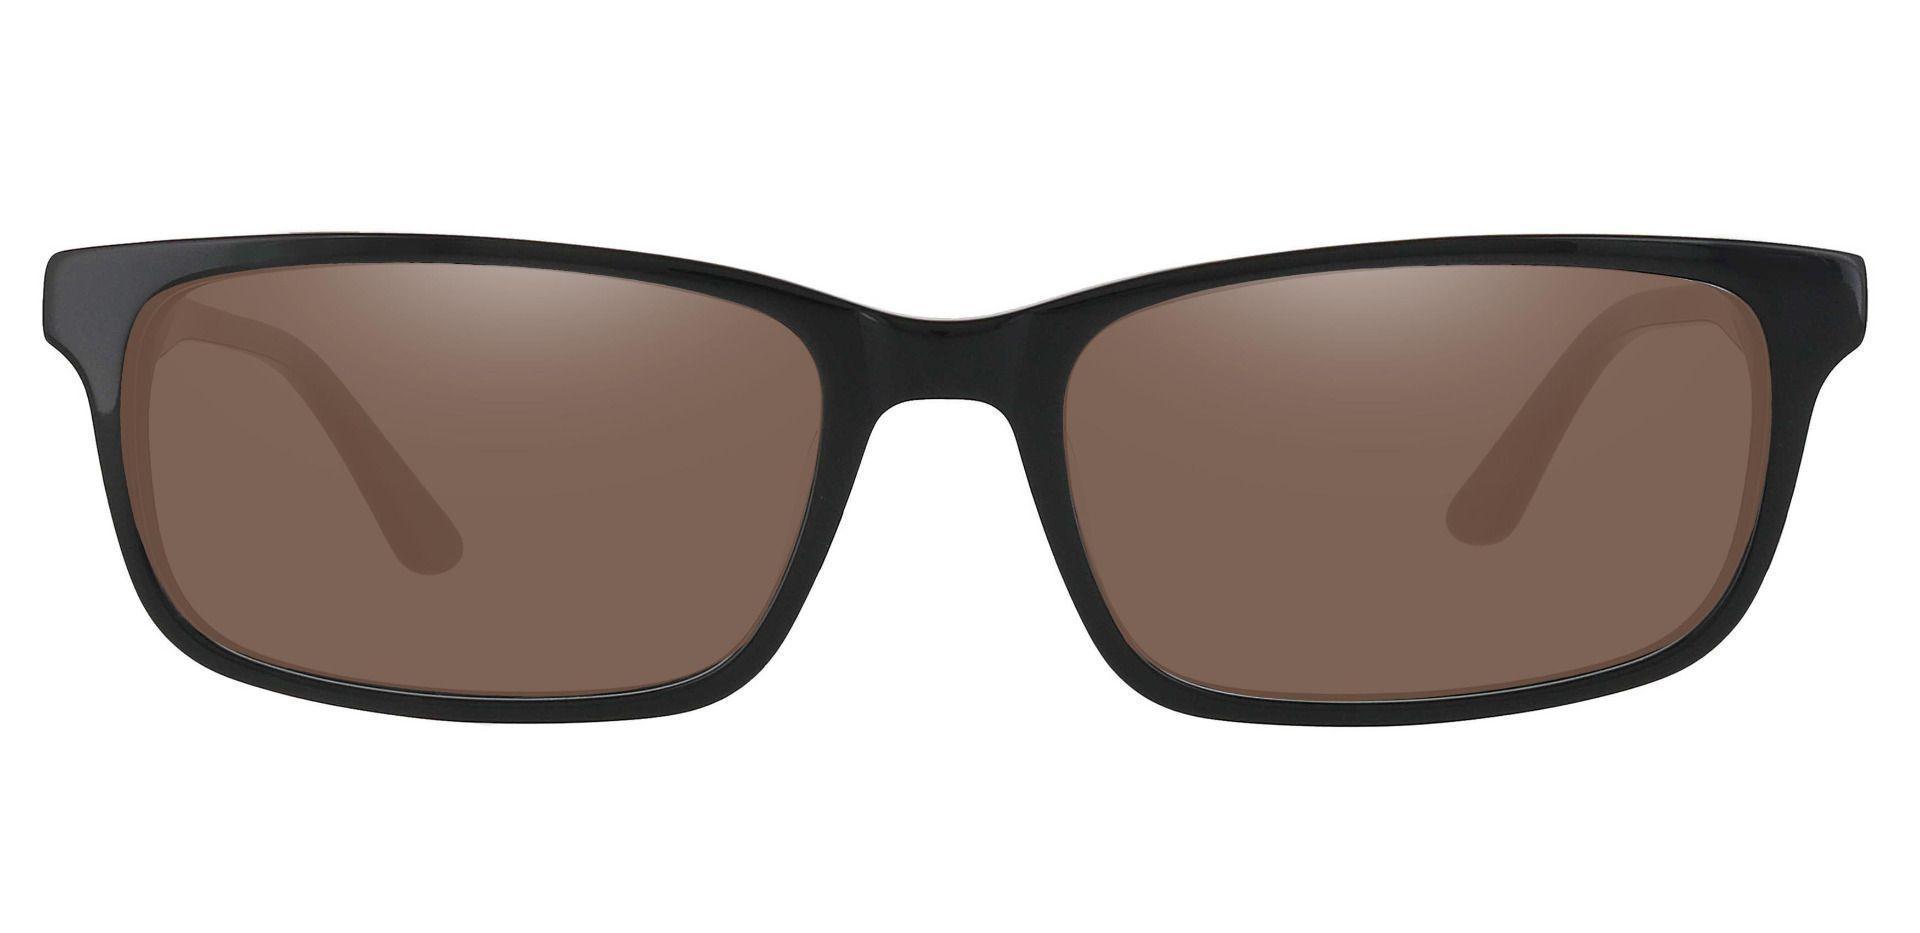 Ennis Rectangle Progressive Sunglasses - Black Frame With Brown Lenses